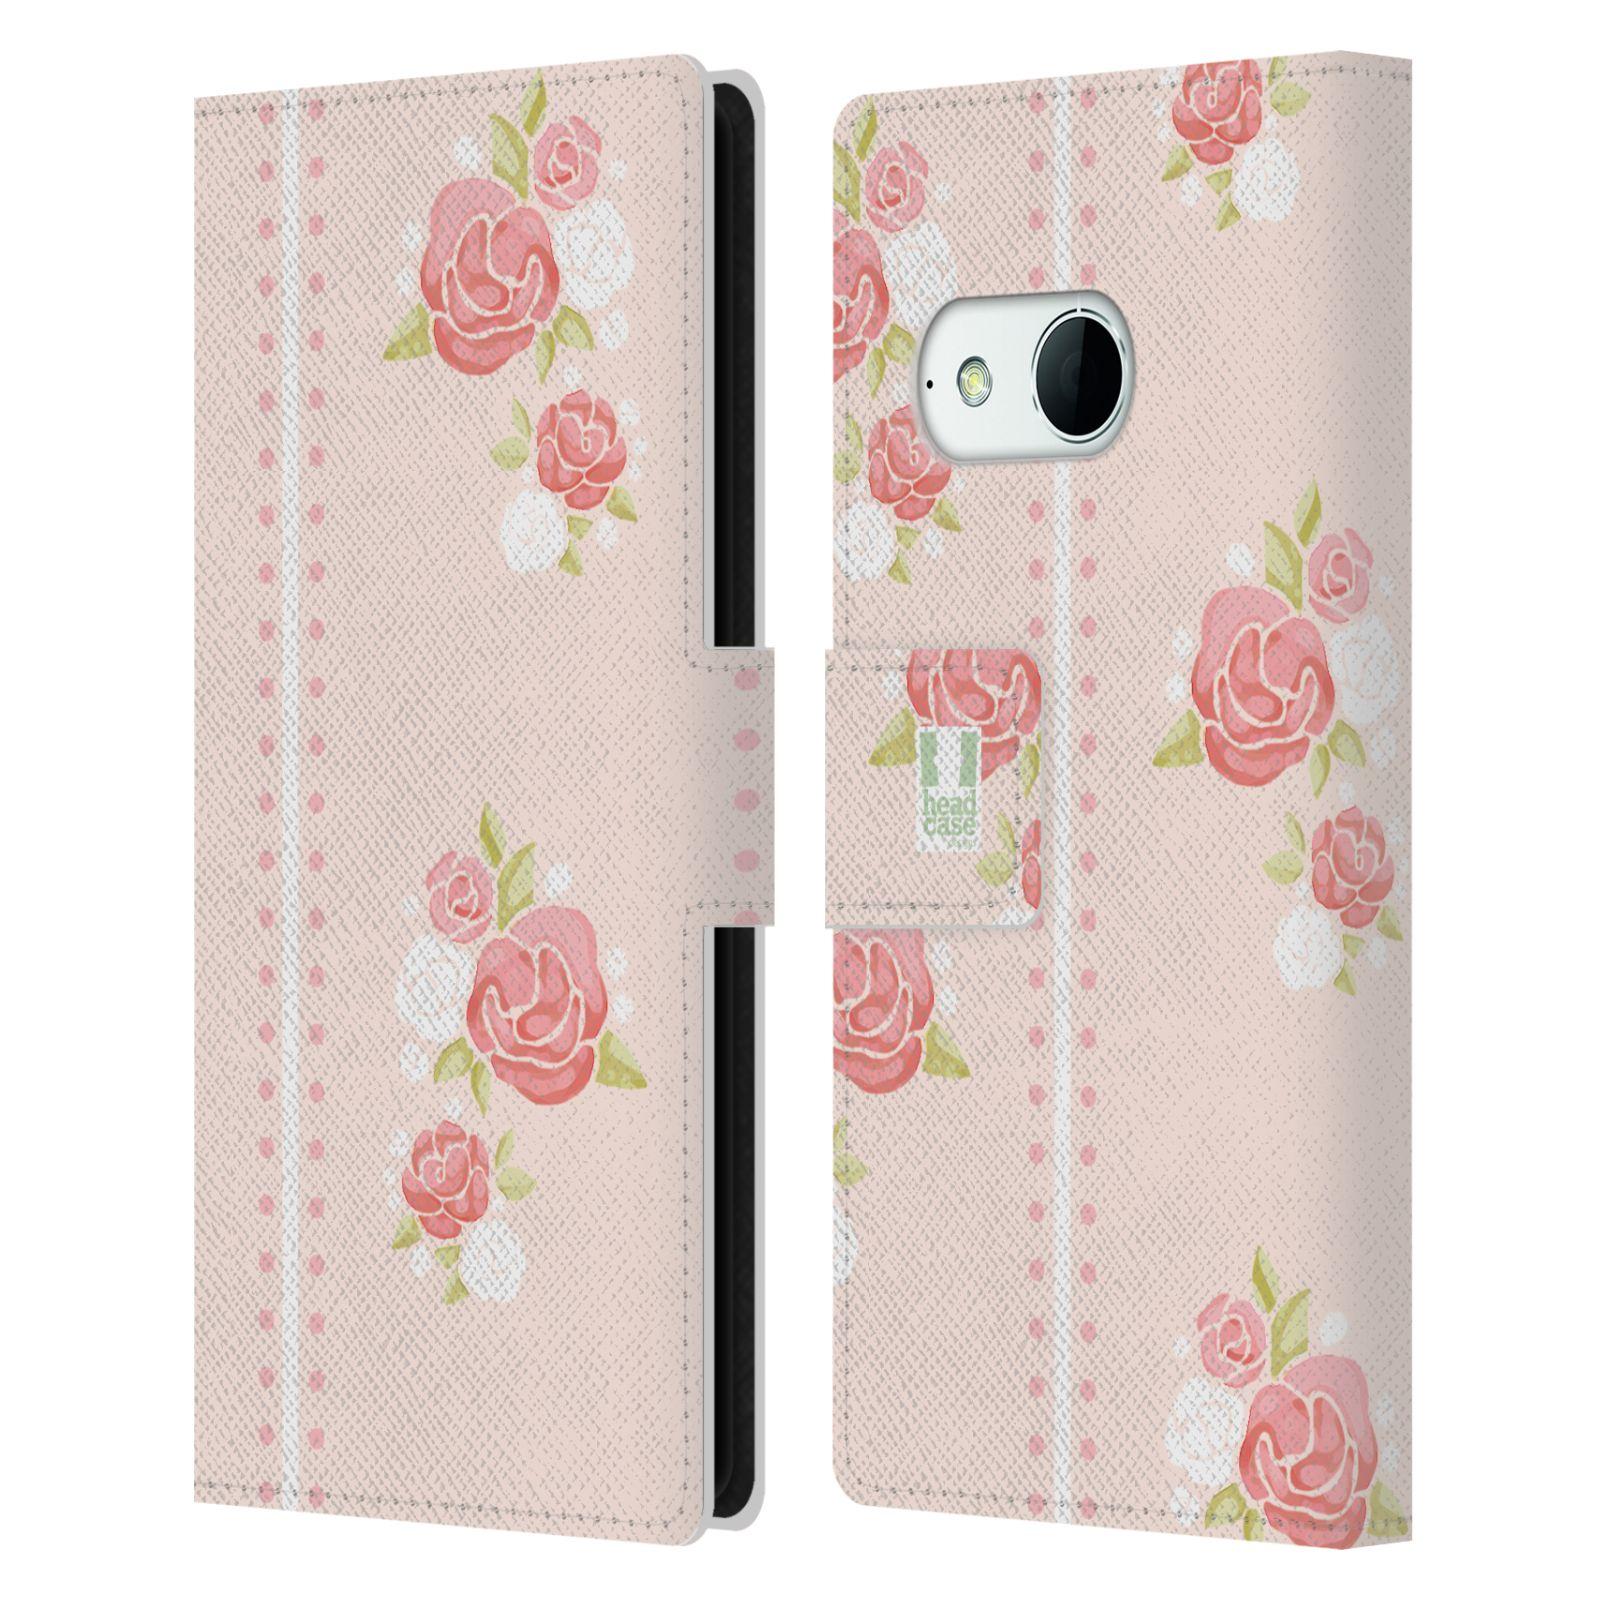 HEAD CASE Flipové pouzdro pro mobil HTC ONE MINI 2 (M8) Francouzský venkov pruhy a růže růžová barva